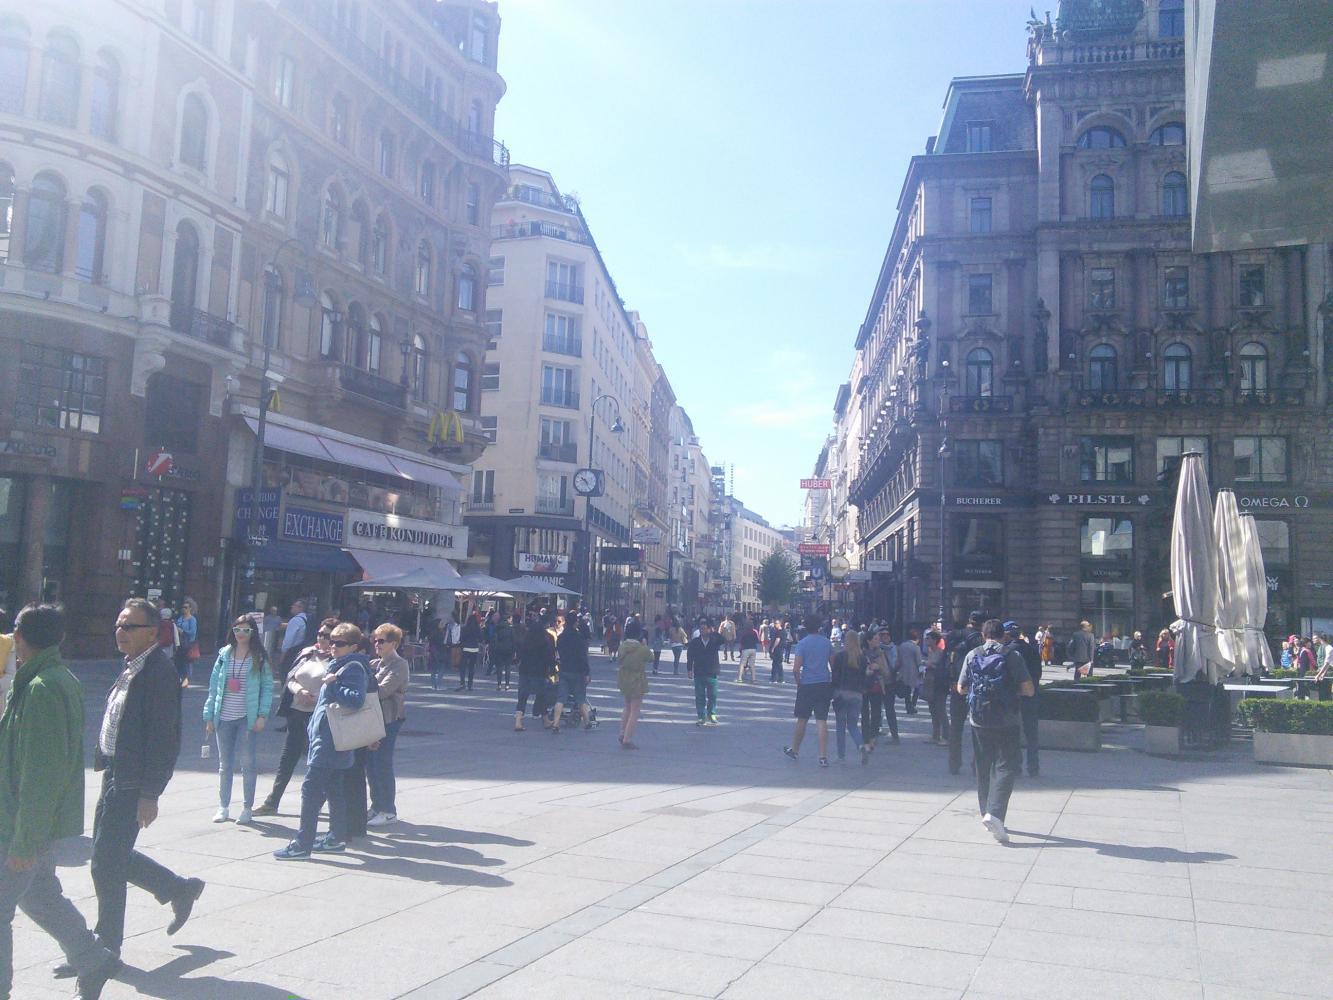 Вся история Вены пешком. Пешеходная экскурсия по историческому центру Вены